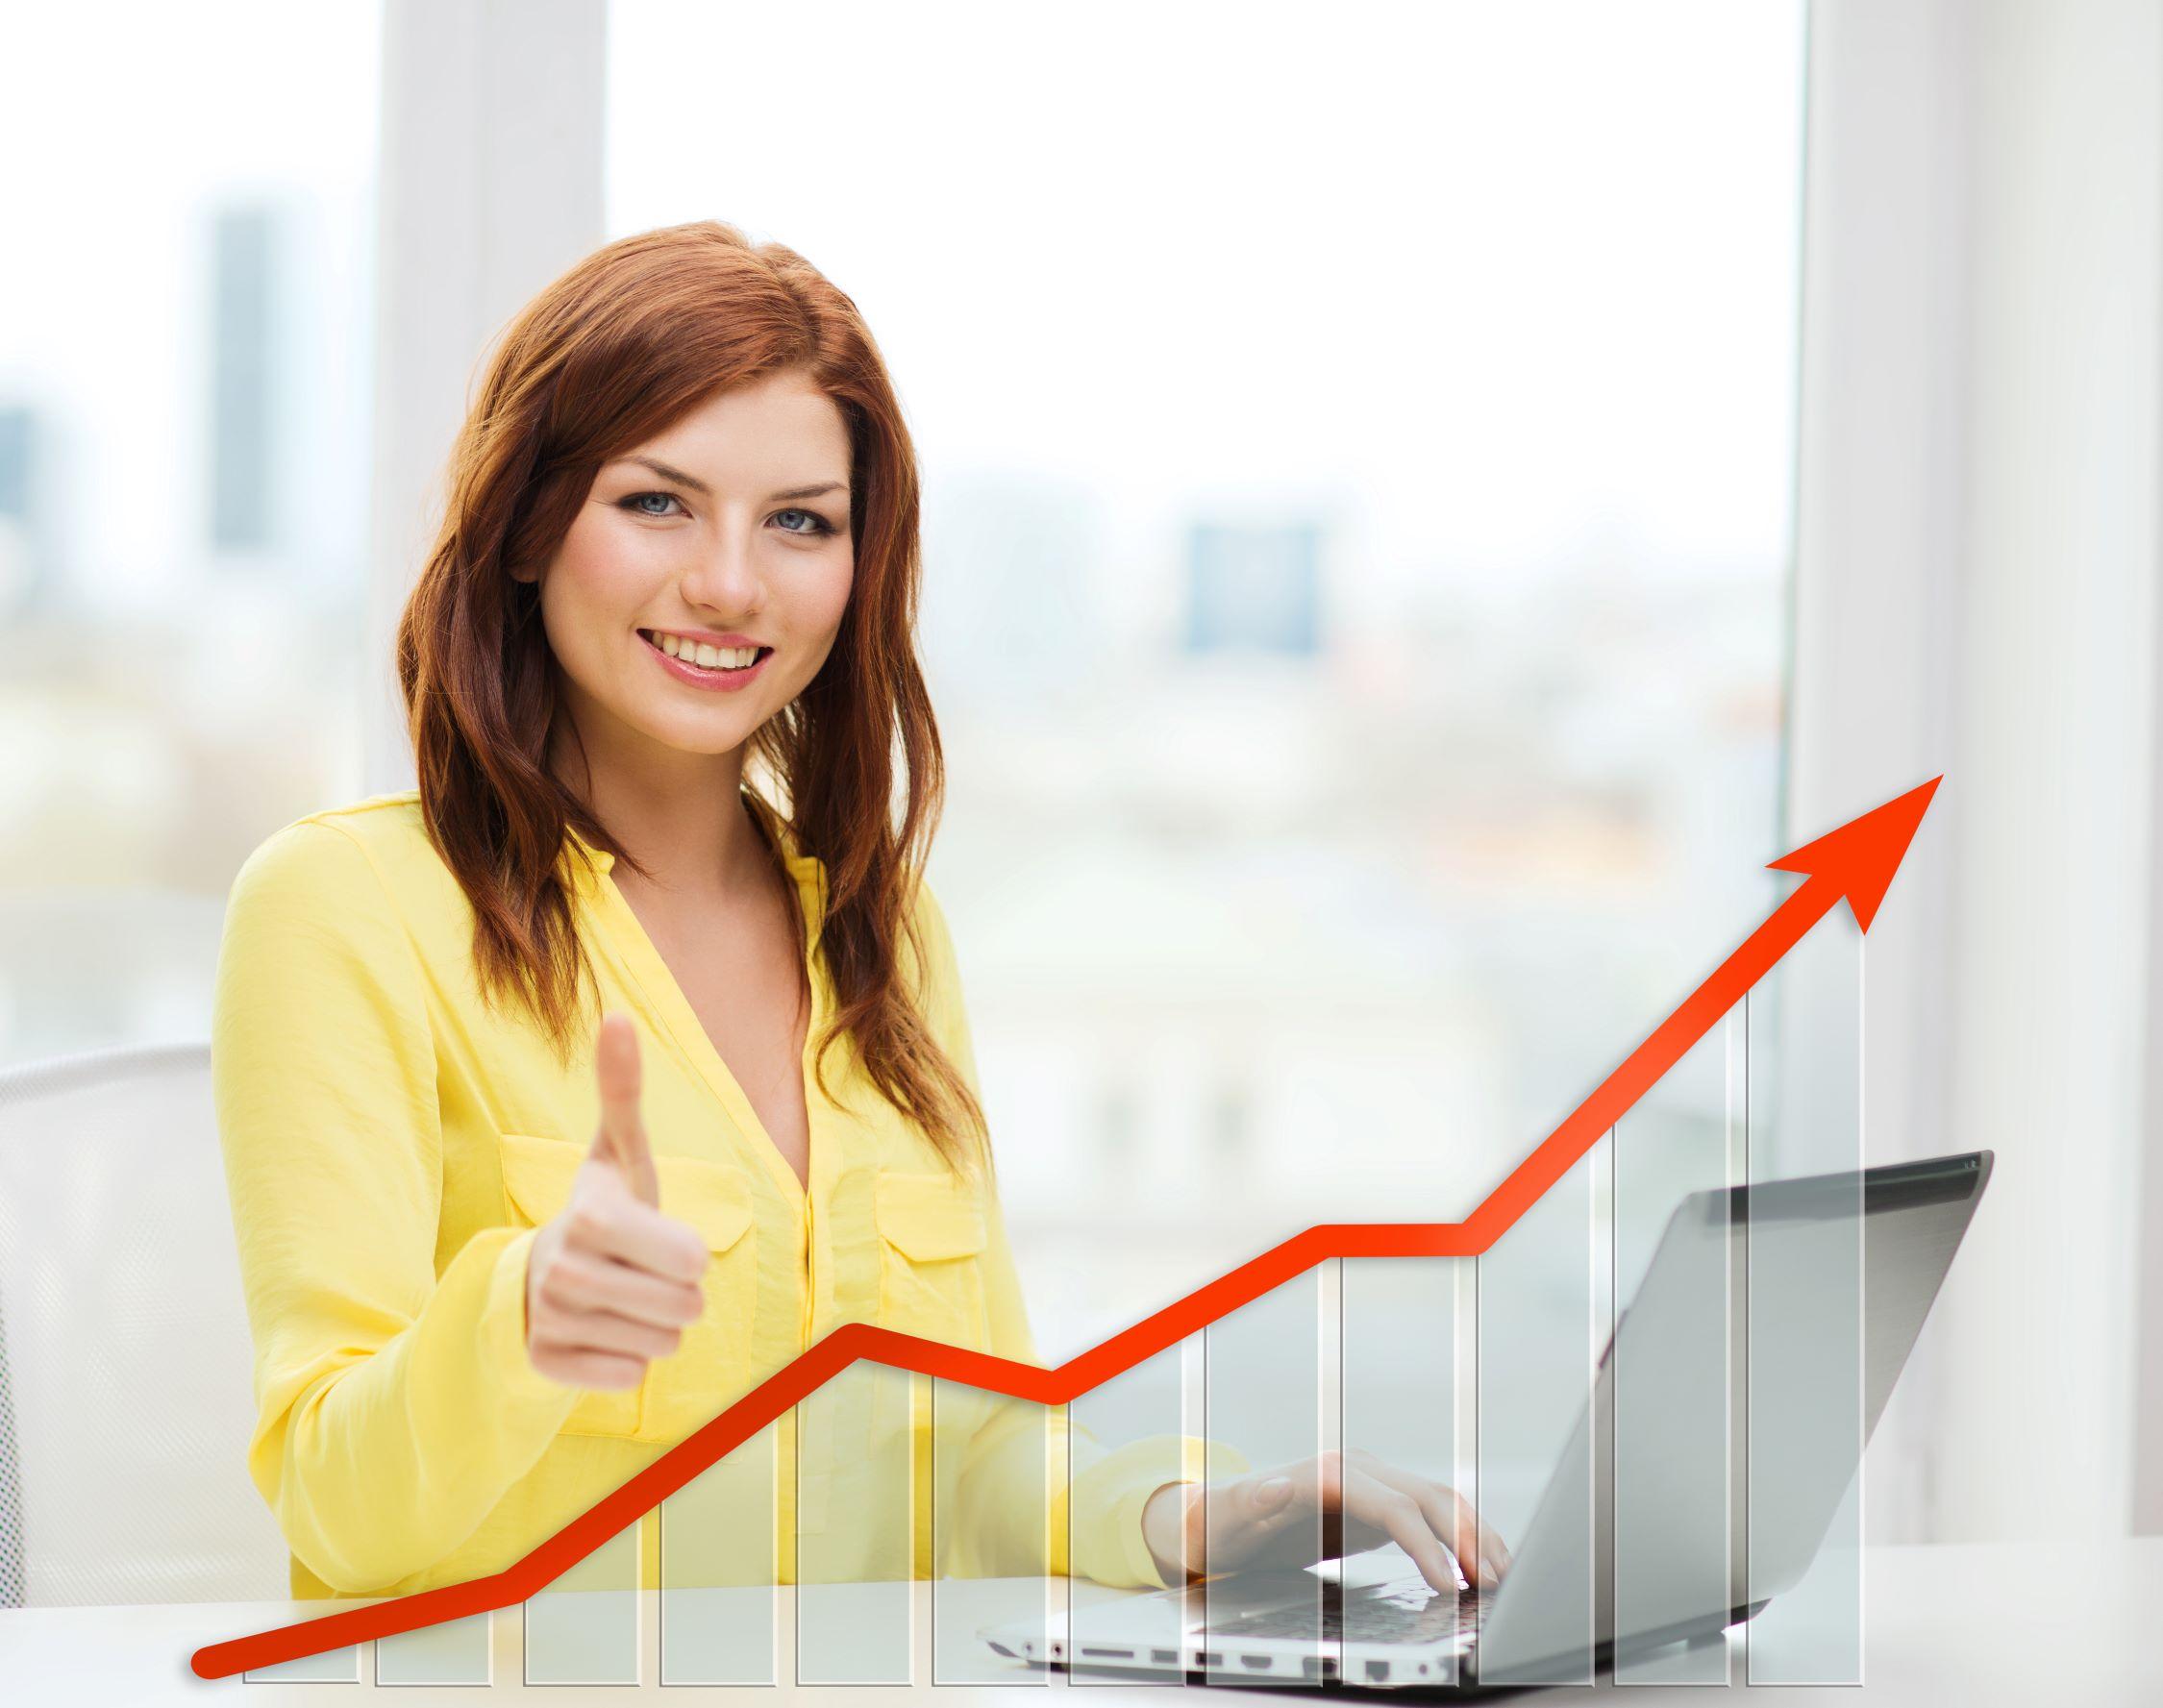 Woman celebrating sales